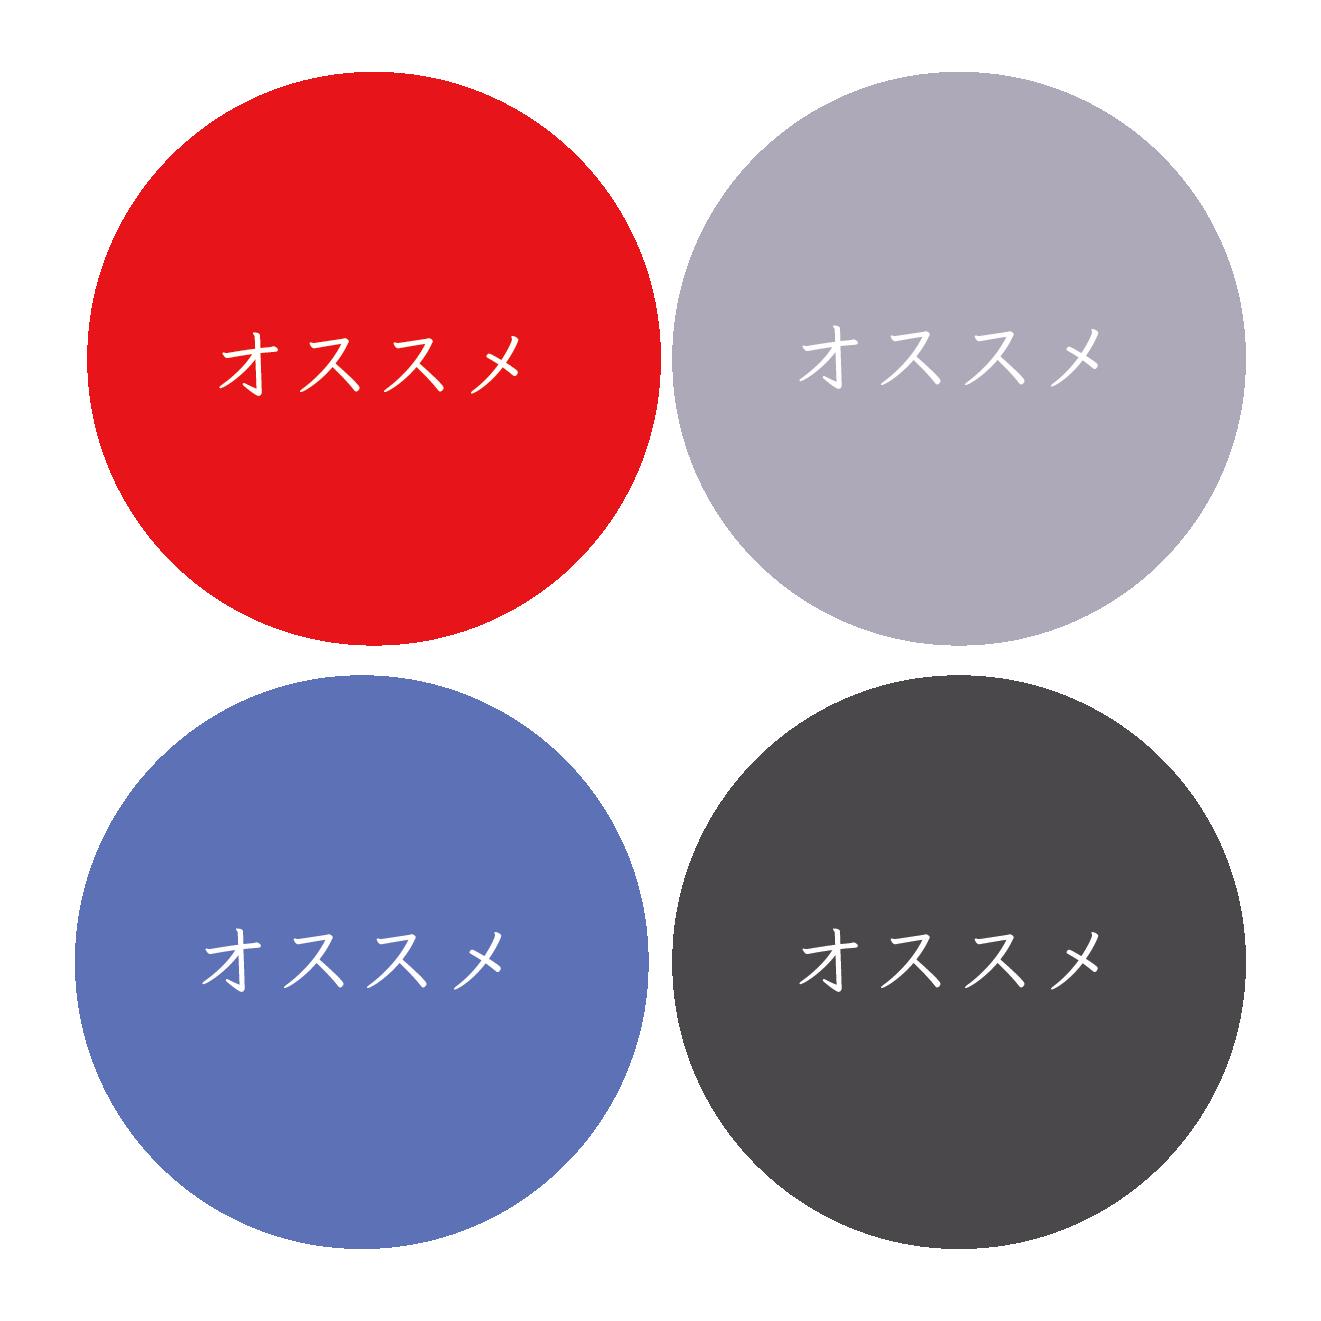 丸型 オススメ タグマーク4色 イラスト | 商用フリー(無料)のイラスト